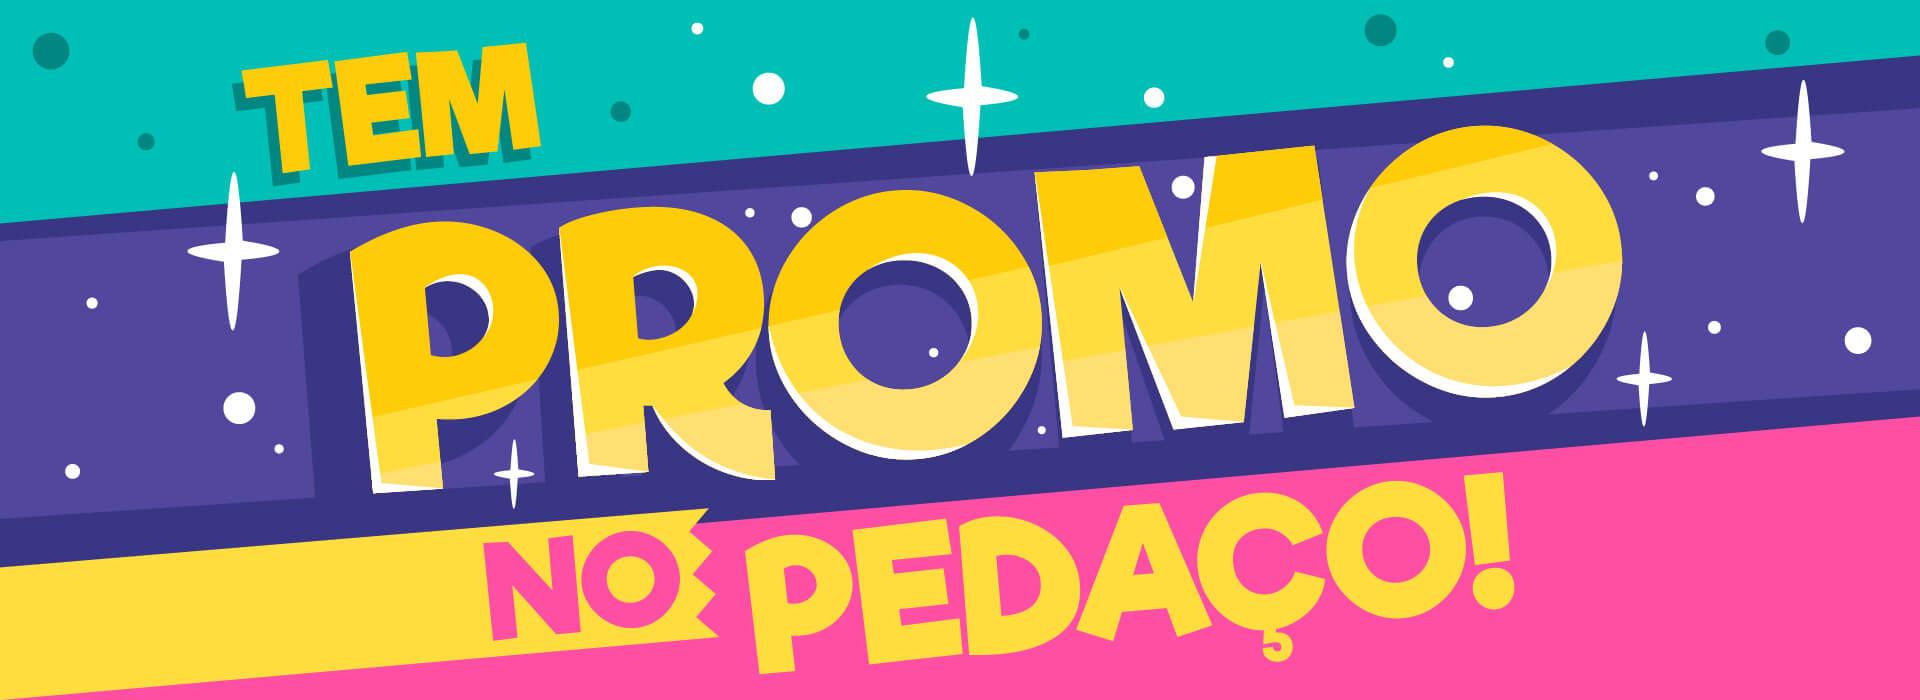 Banner A: Tem promo nova da Puket no pedaço